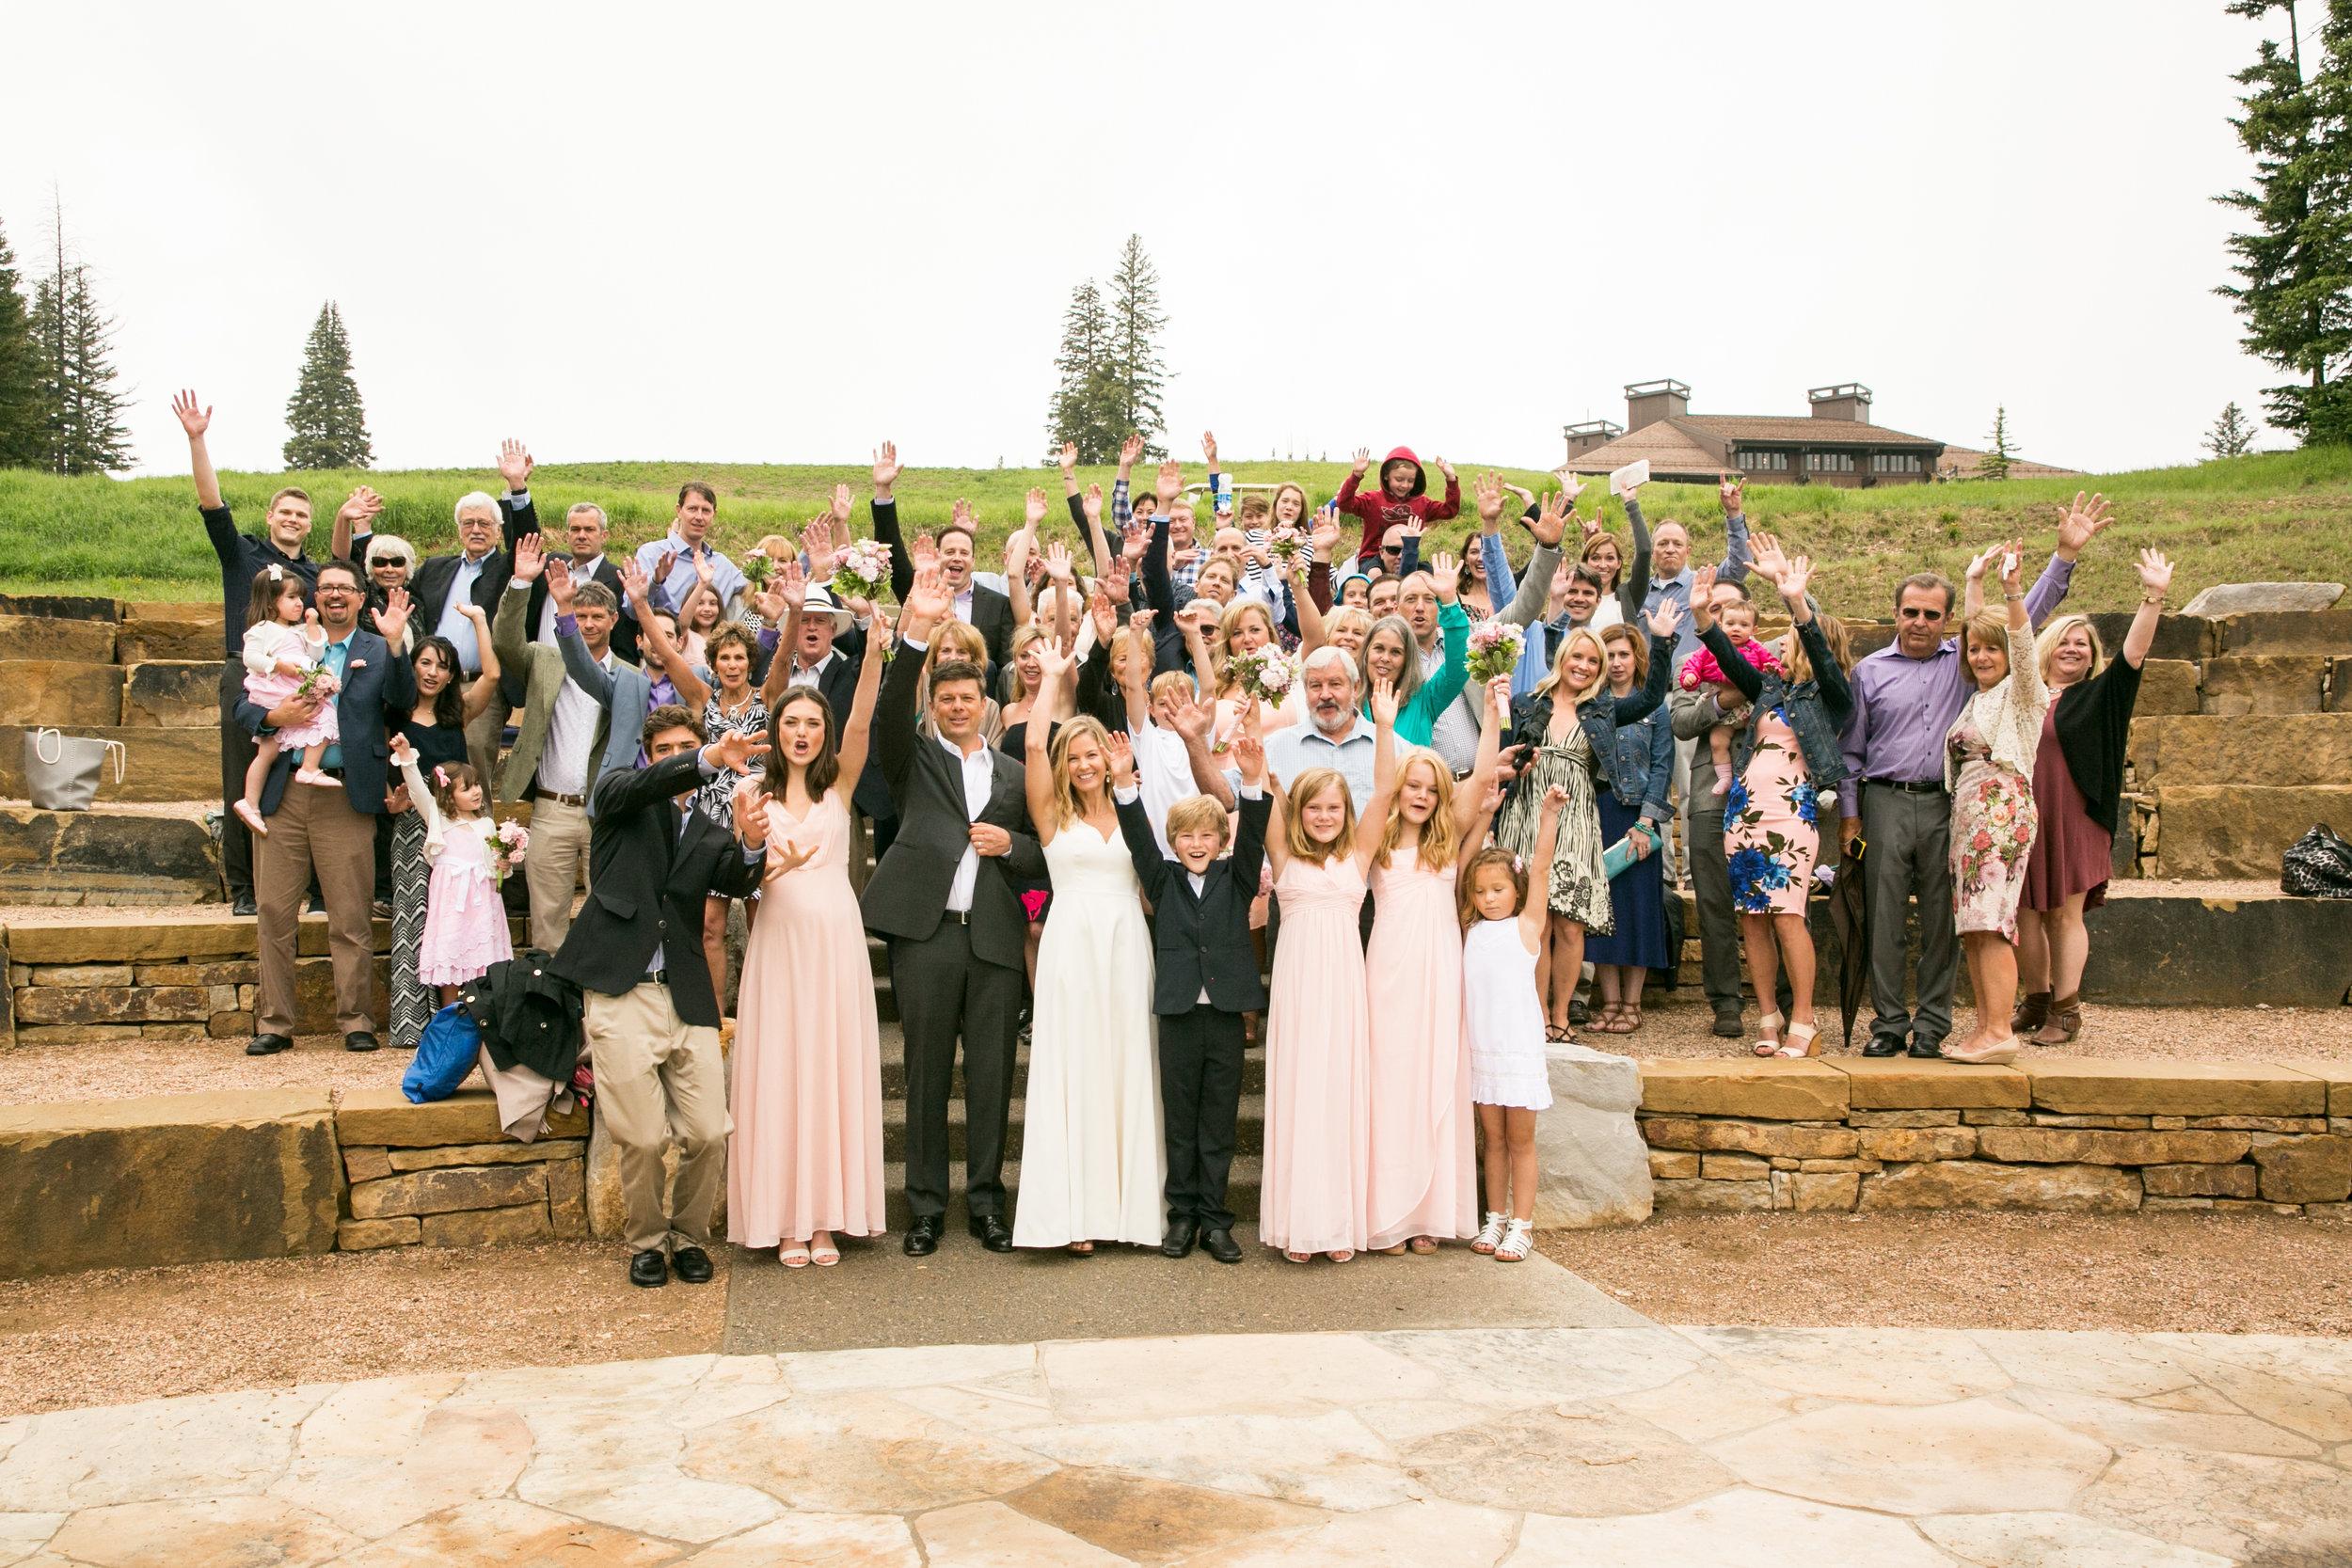 Beaver-creek-wedding-deck-axelphoto.jpg